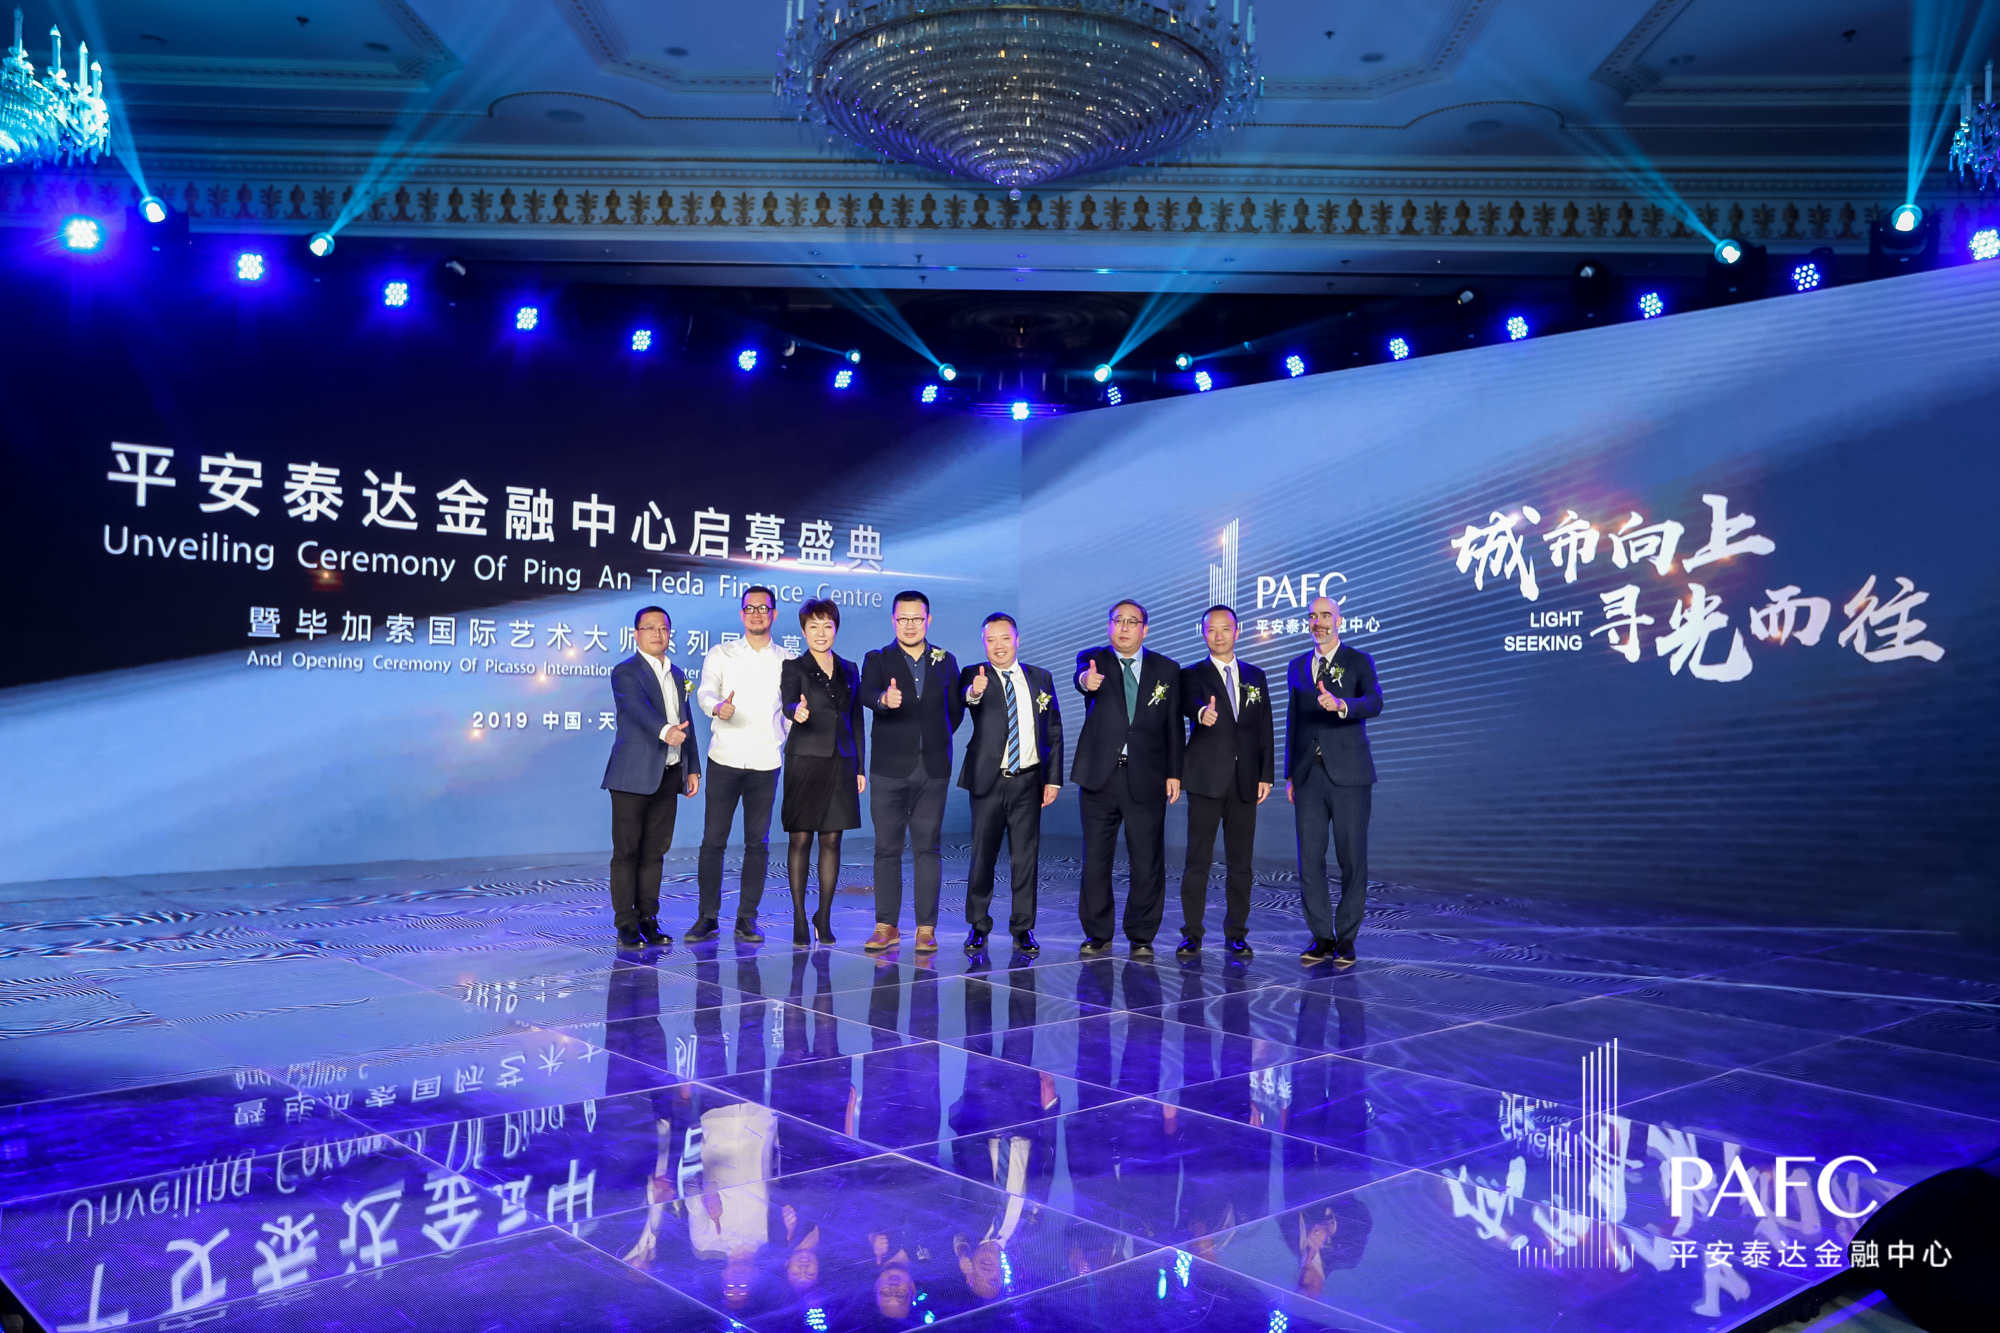 天津平安泰達金融中心啟幕盛典 暨畢加索國際藝術大師系列展開幕儀式隆重舉行-中國網地産